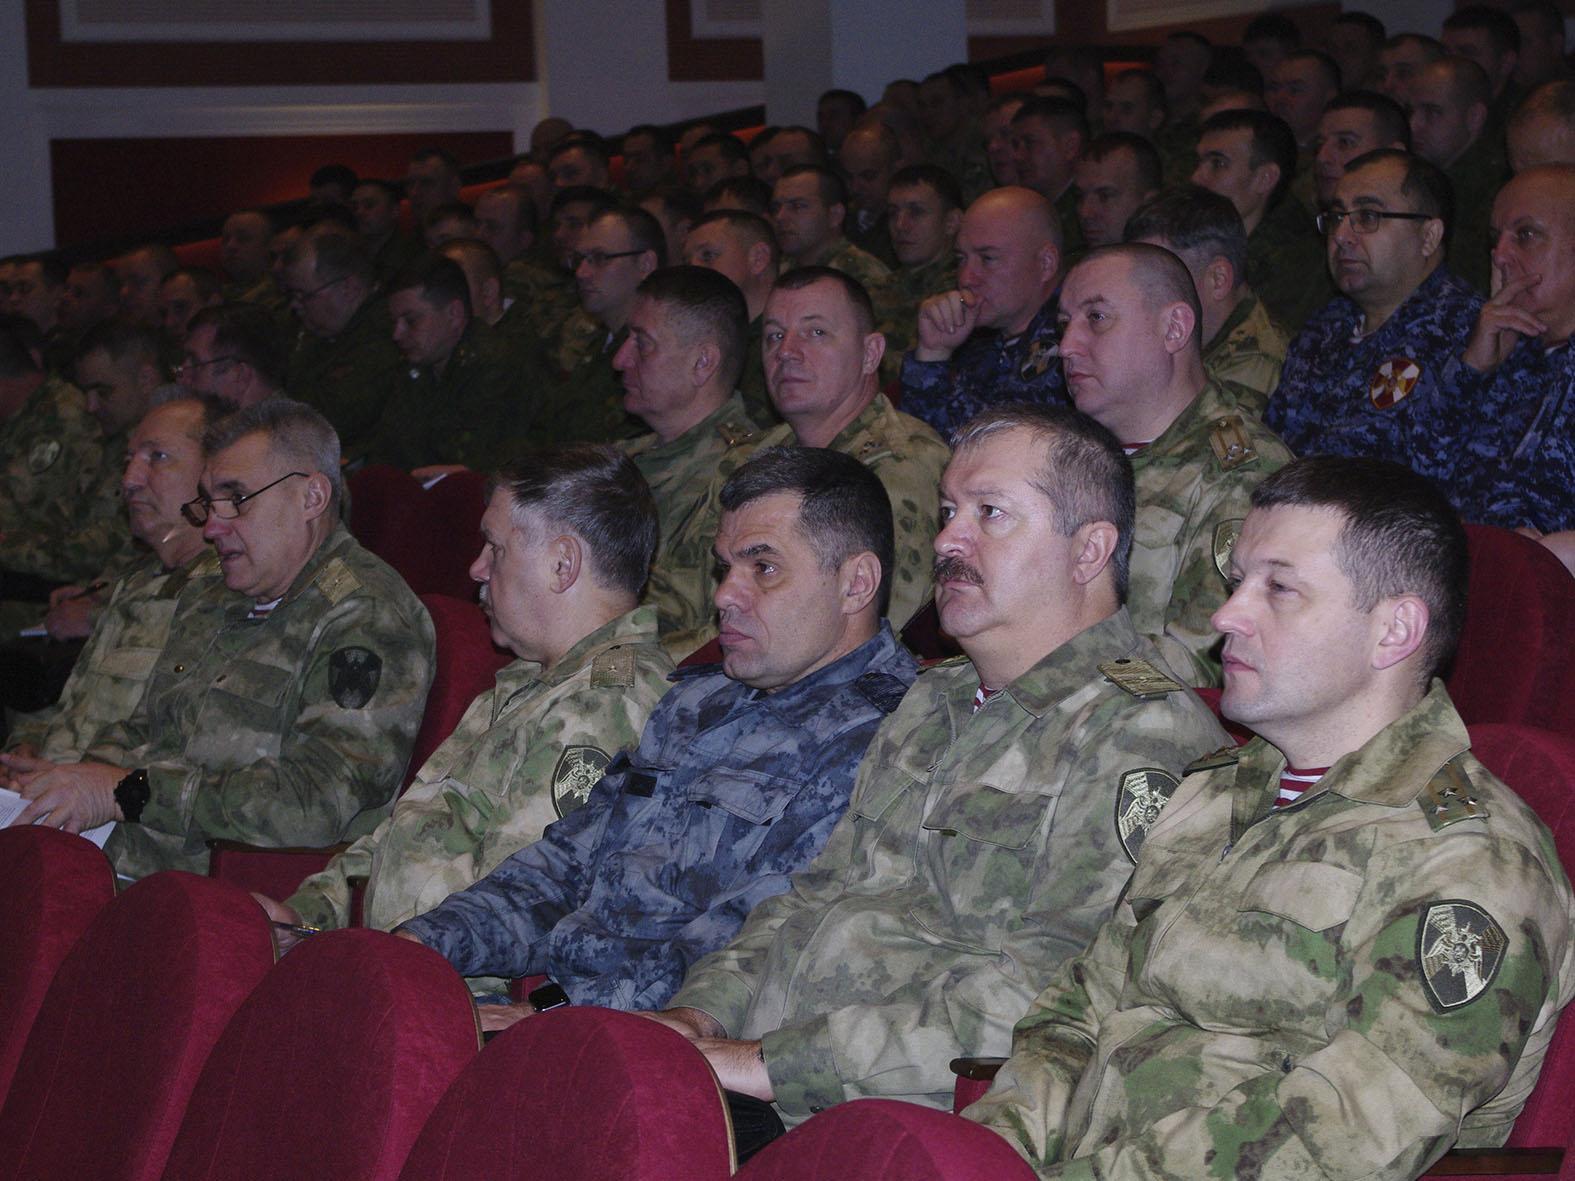 Офицеры из Томской области участвуют в оперативном сборе руководящего состава Сибирского округа Росгвардии в Новосибирске